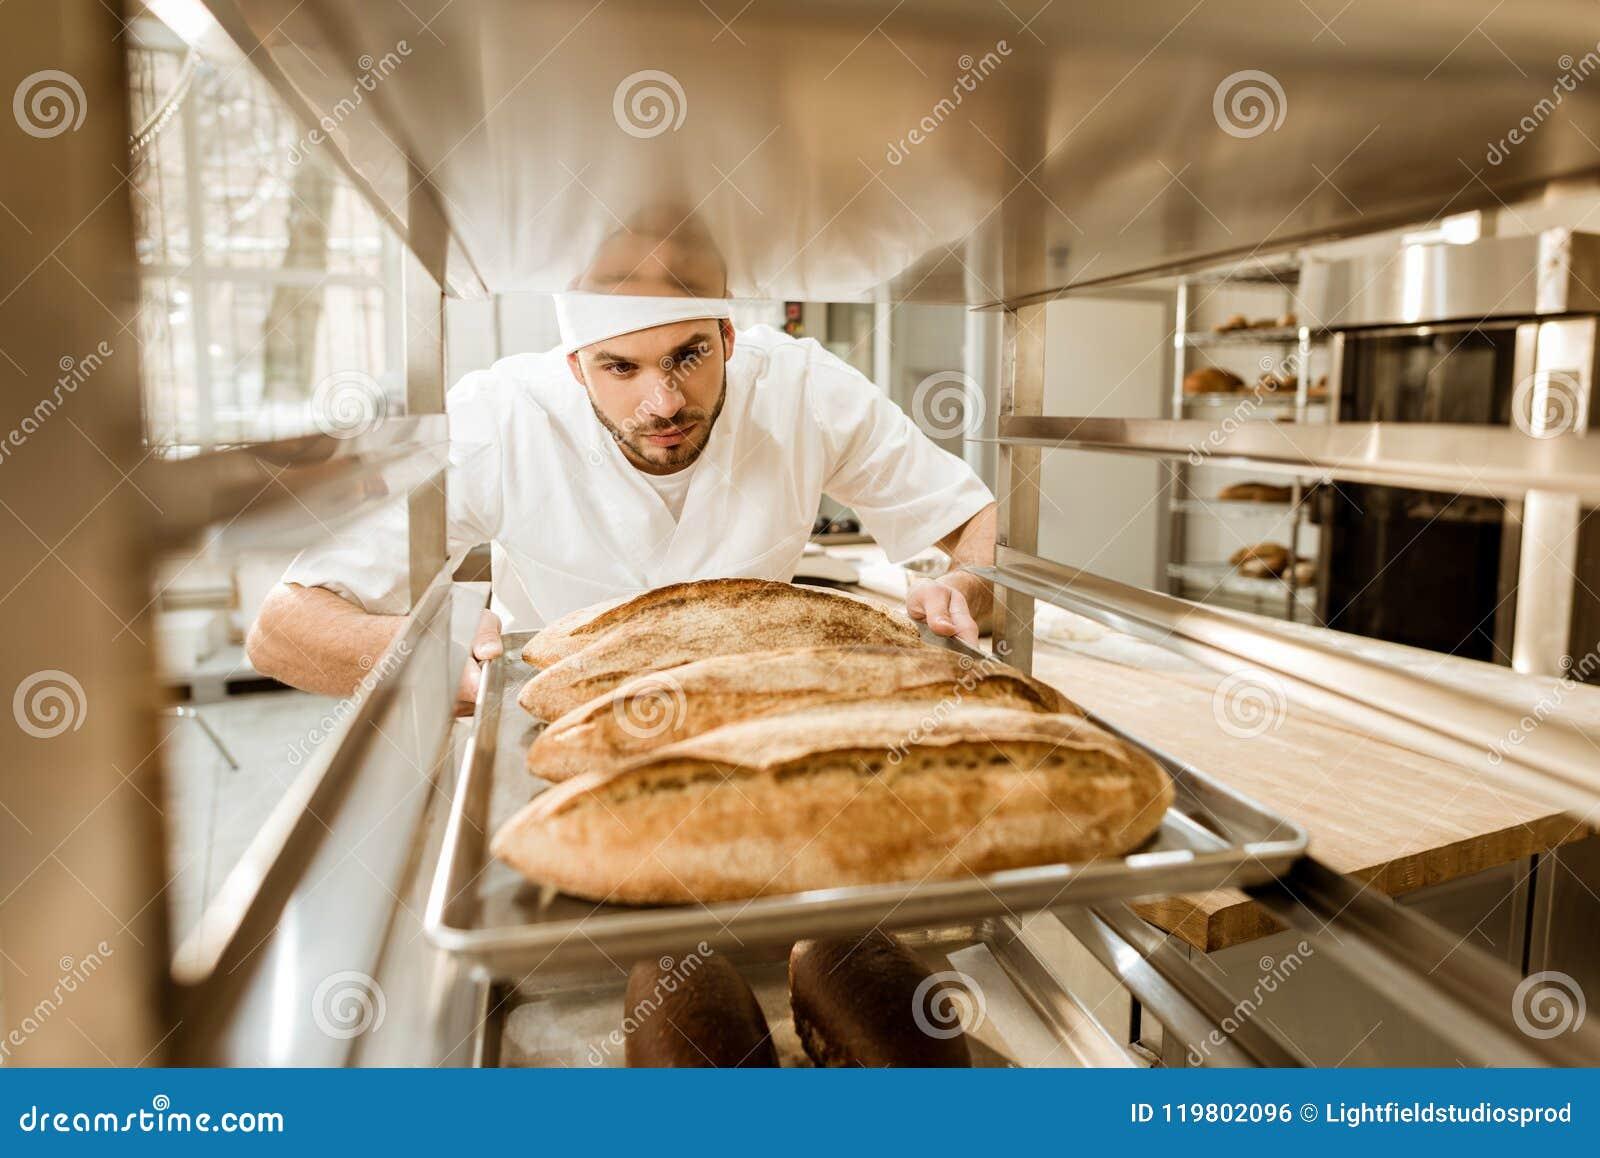 Boulanger professionnel mettant des plateaux de pain frais sur le support